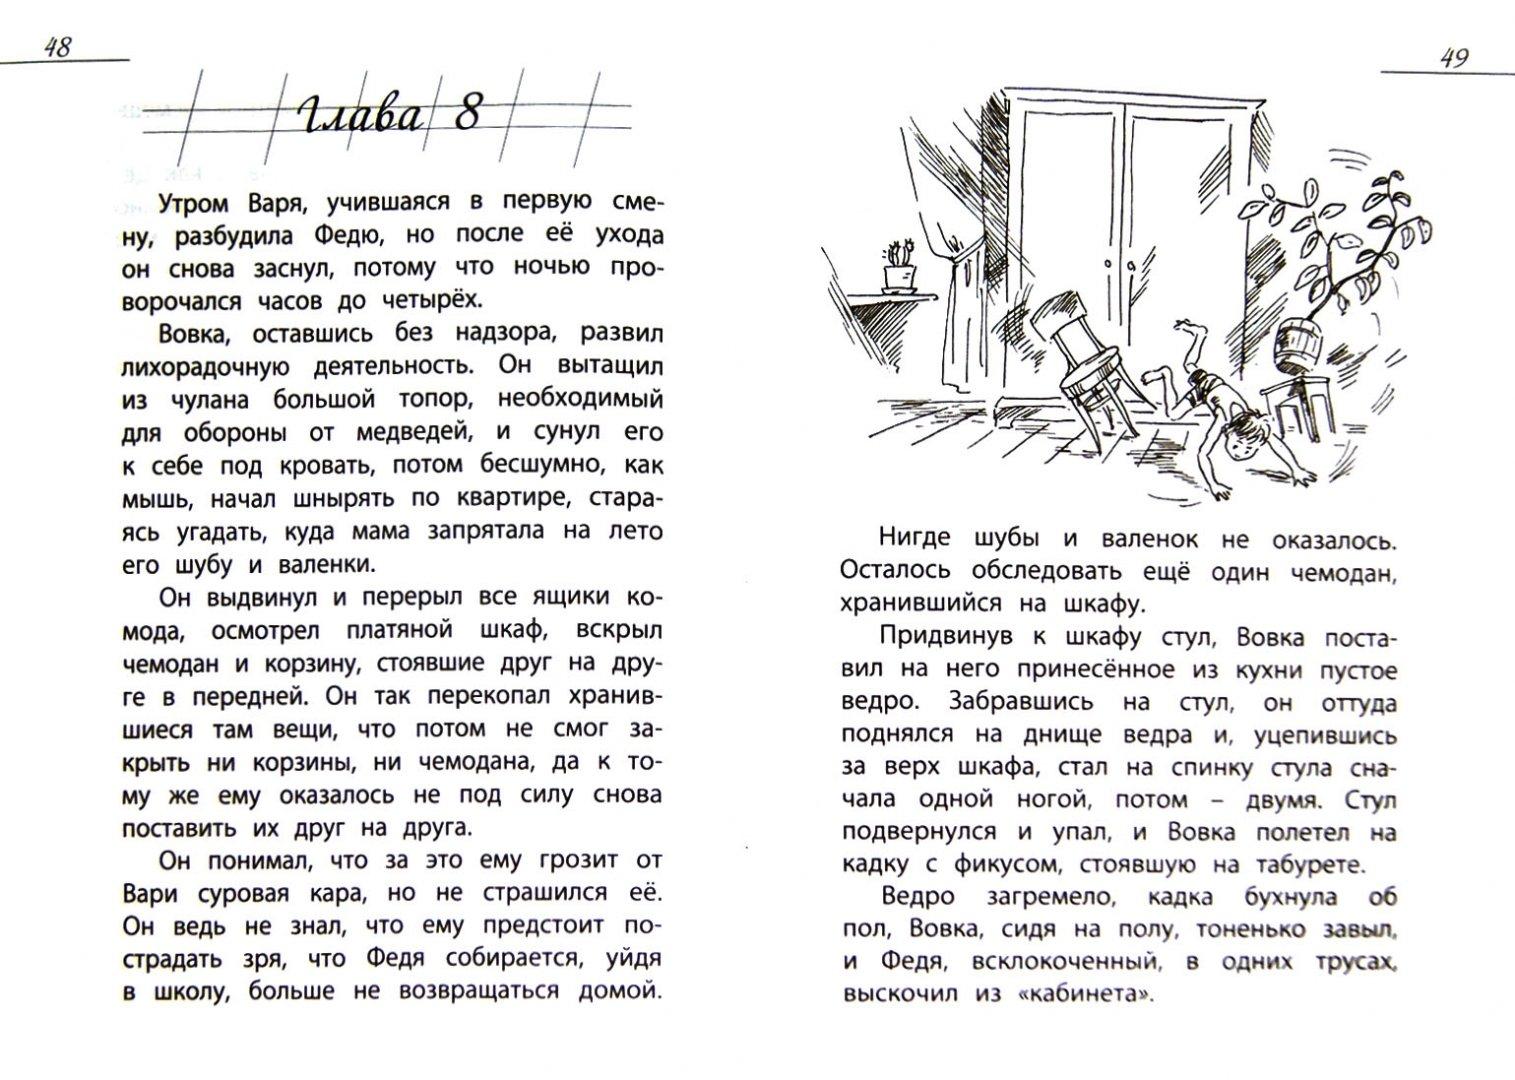 Иллюстрация 1 из 9 для Приключение не удалось - Юрий Сотник | Лабиринт - книги. Источник: Лабиринт